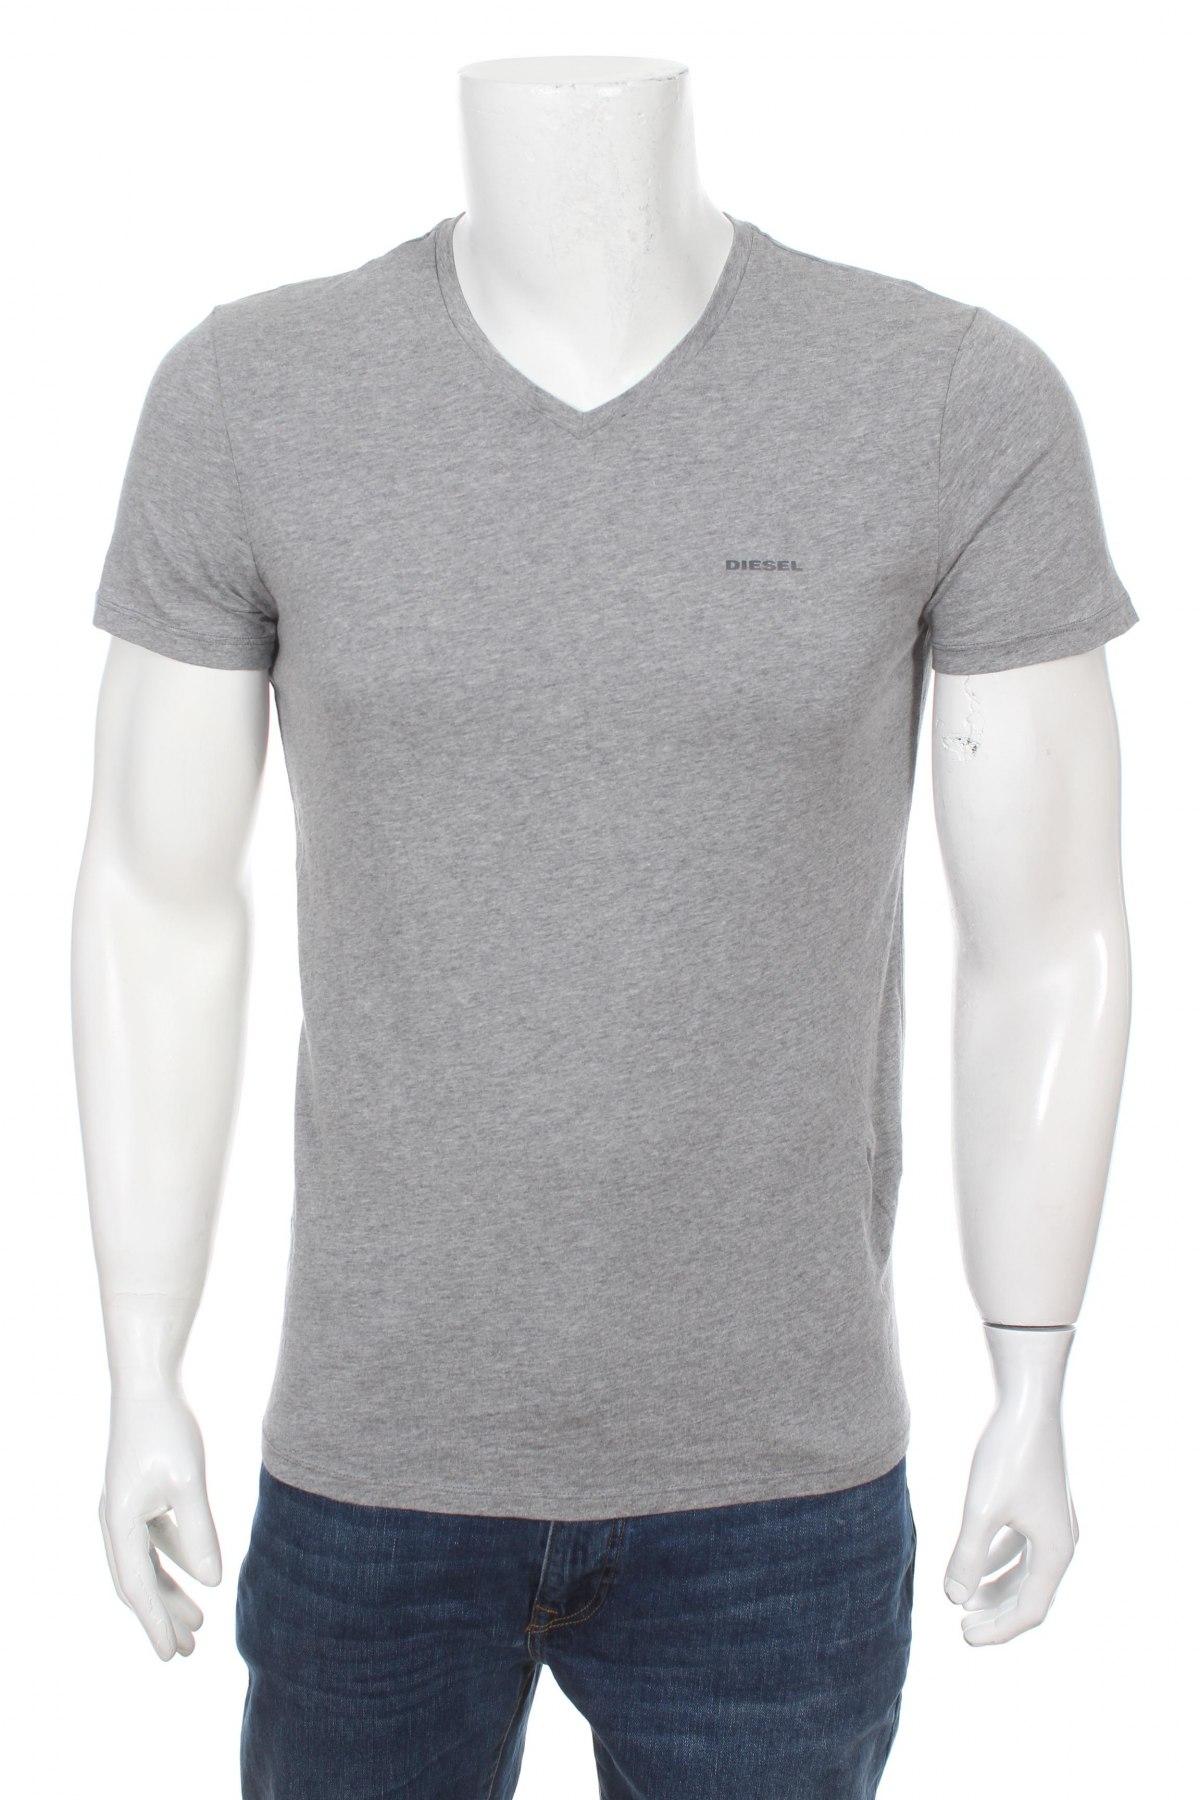 070c74be2ed6 Pánské tričko Diesel - za vyhodnou cenu na Remix -  104798875